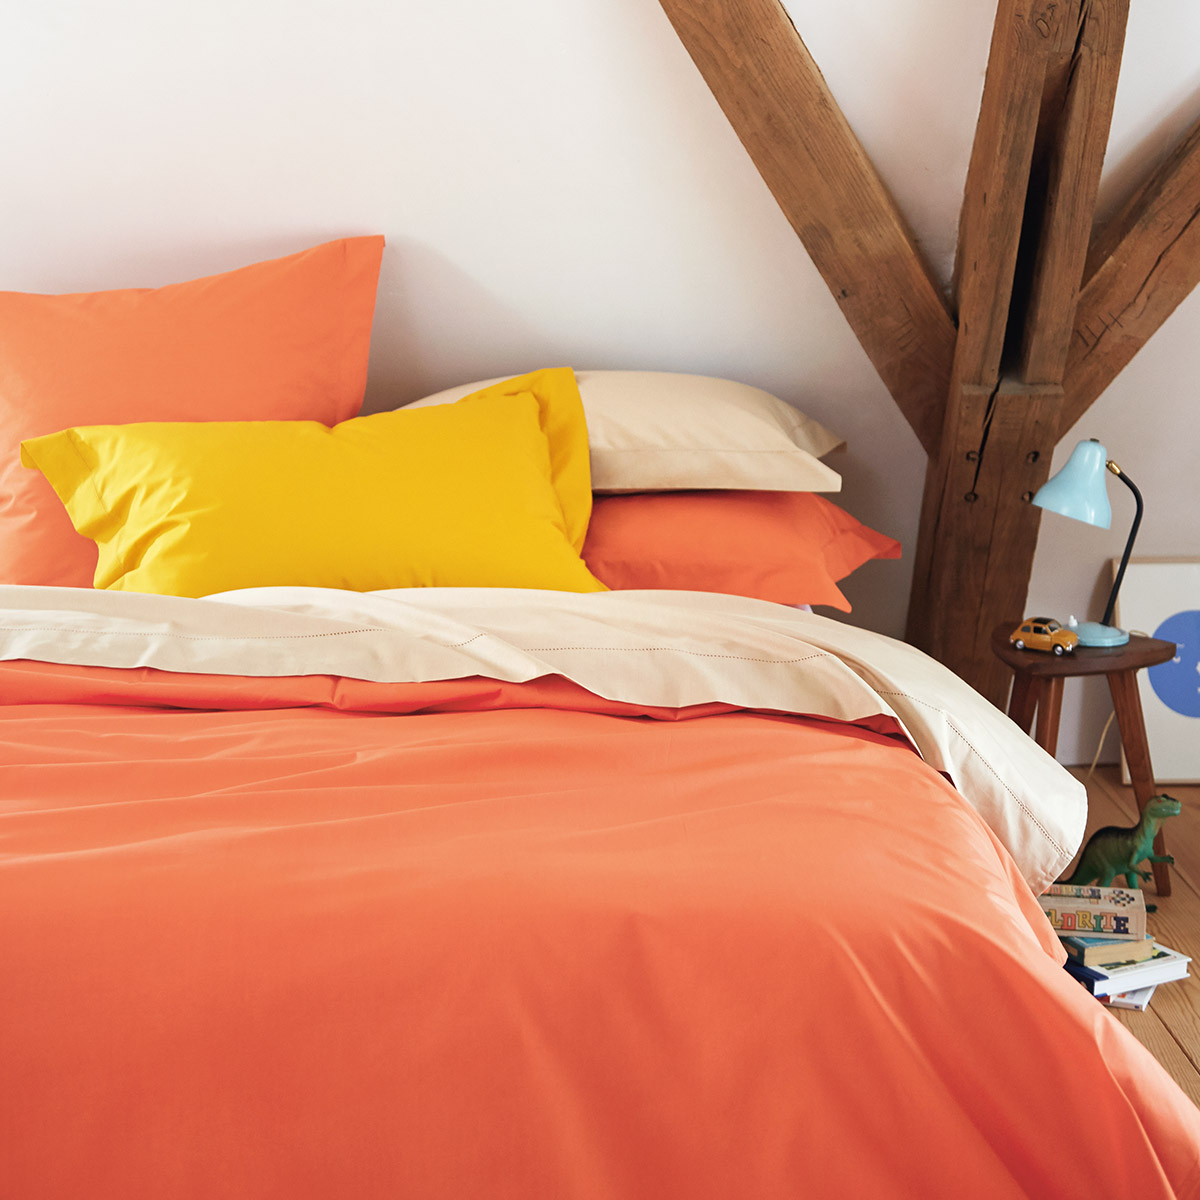 Housse de couette percale Orange 140 x 200 cm